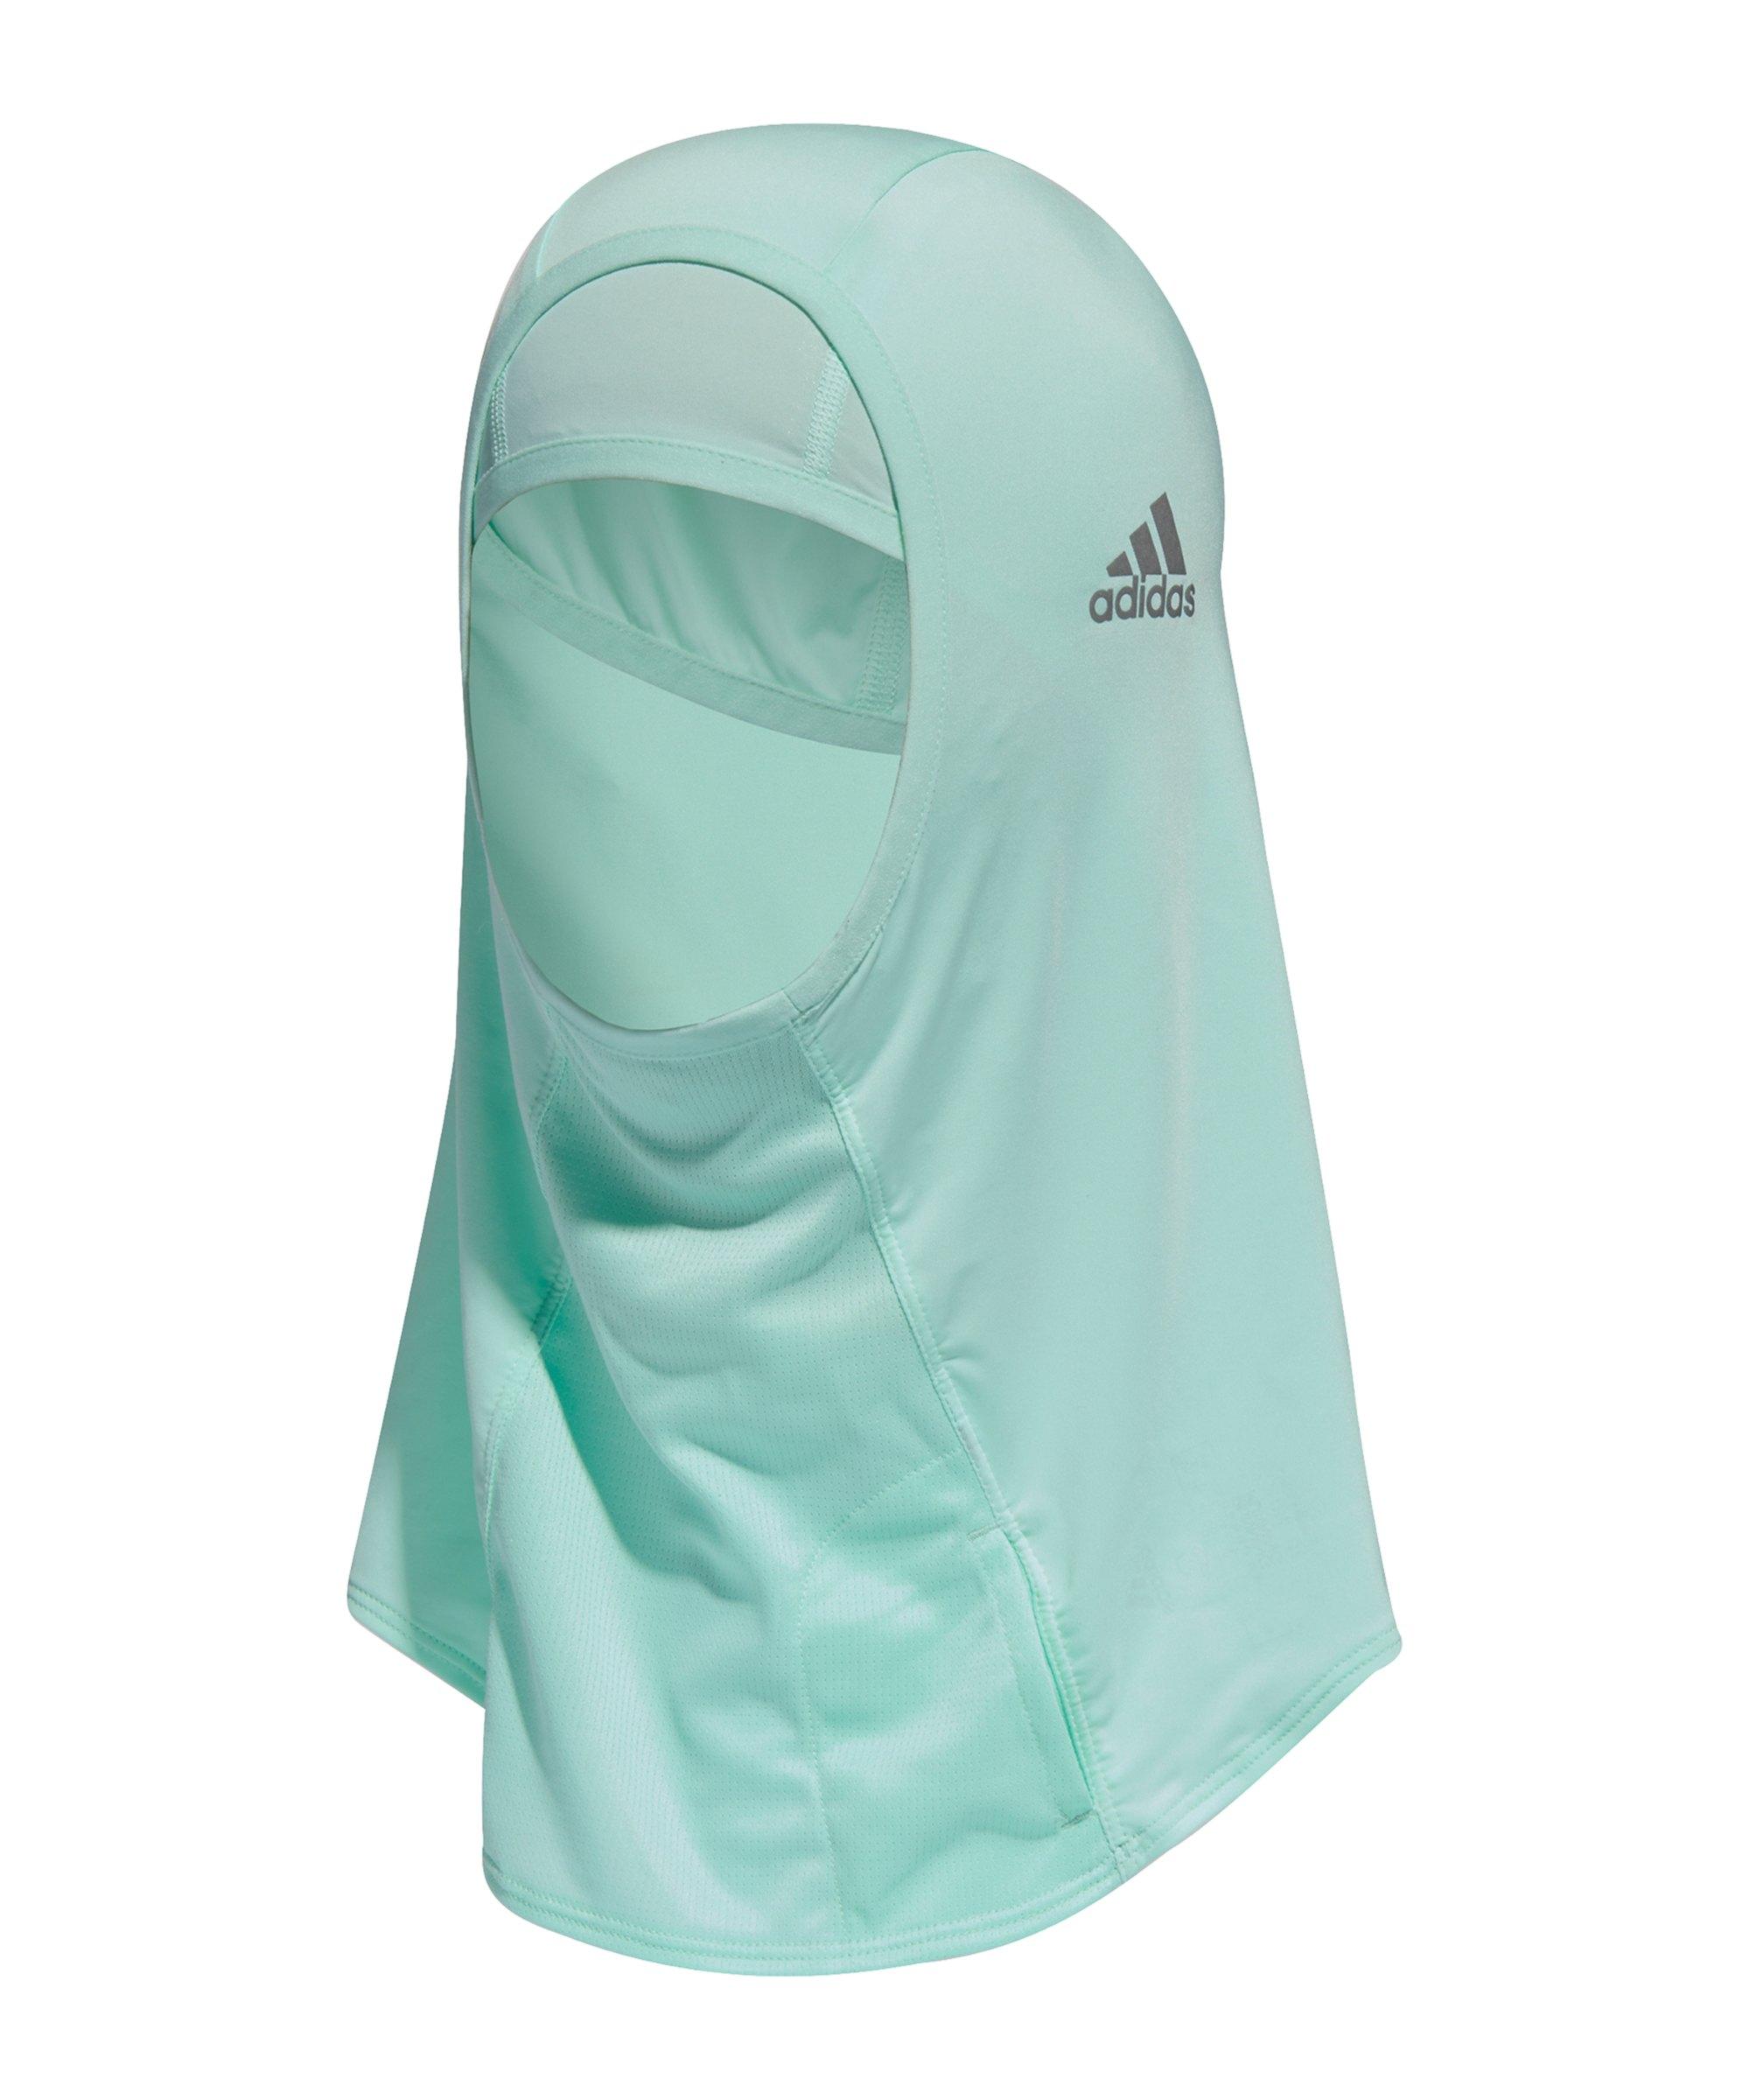 adidas Hijab II Kopftuch Running Damen Blau - blau